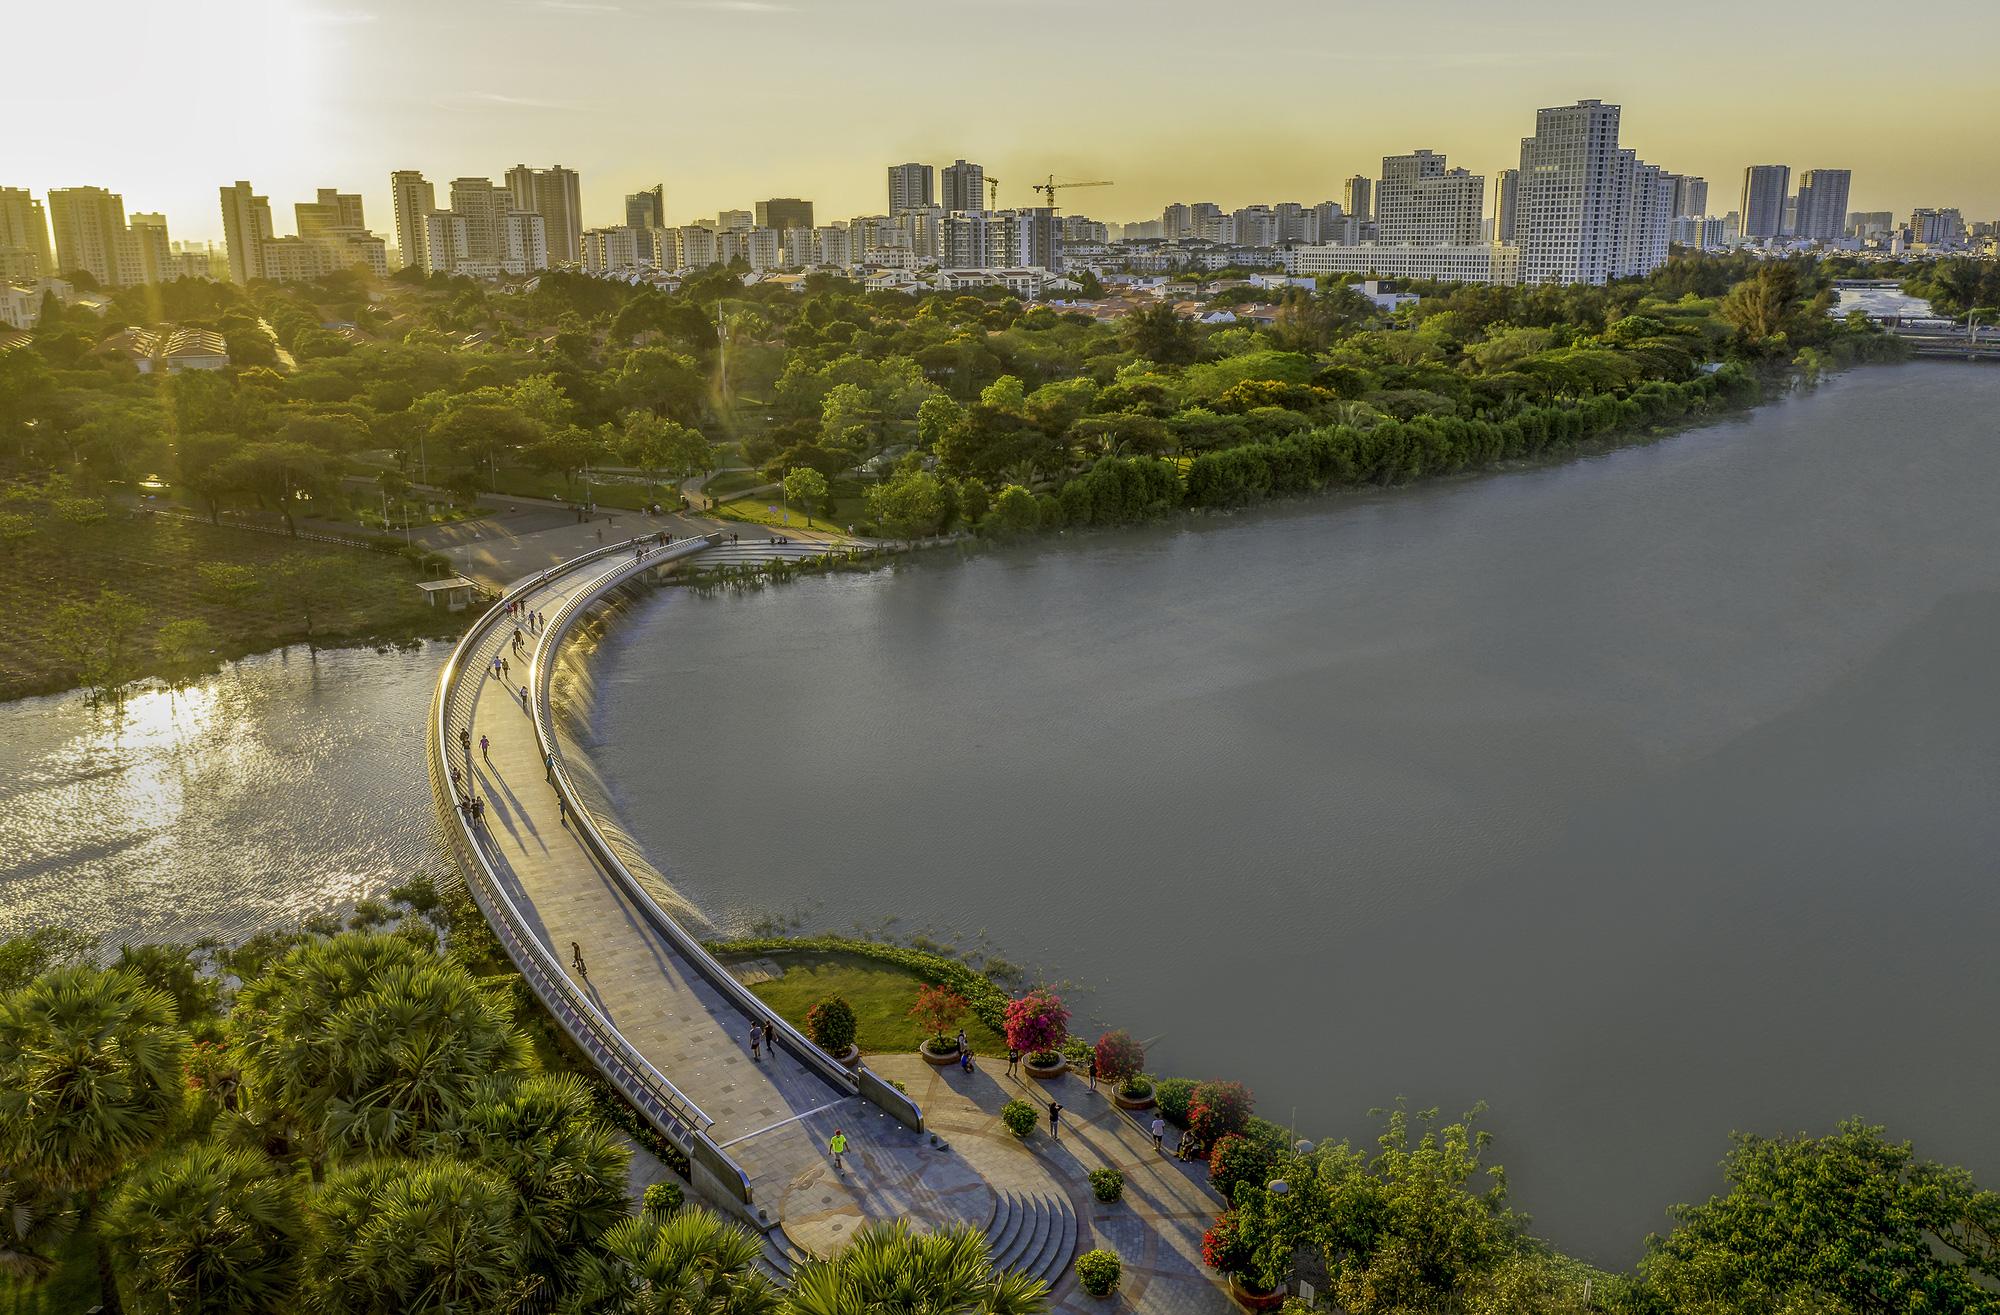 Dự án khu phức hợp ven sông lớn nhất Phú Mỹ Hưng chỉ còn 10% sản phẩm dành cho giới thượng lưu - Ảnh 5.